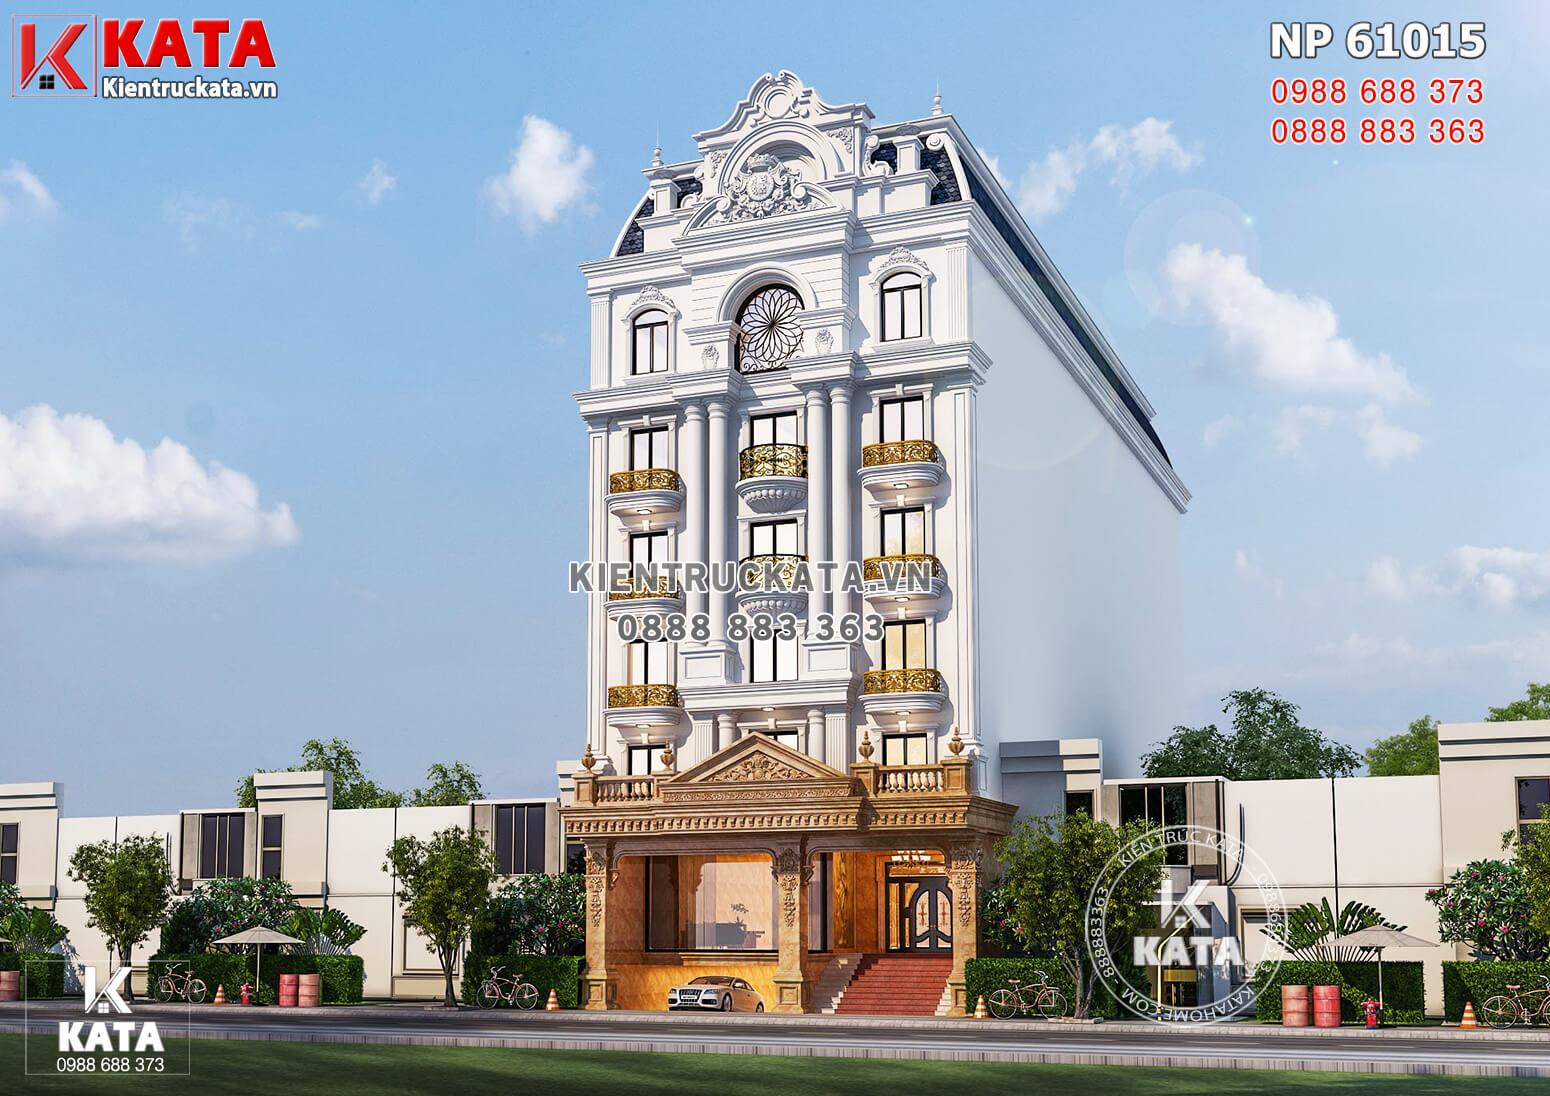 Hình ảnh: Tổng thể kiến trúc hoàn mỹ của mẫu nhà mặt tiền 12m cho thuê văn phòng